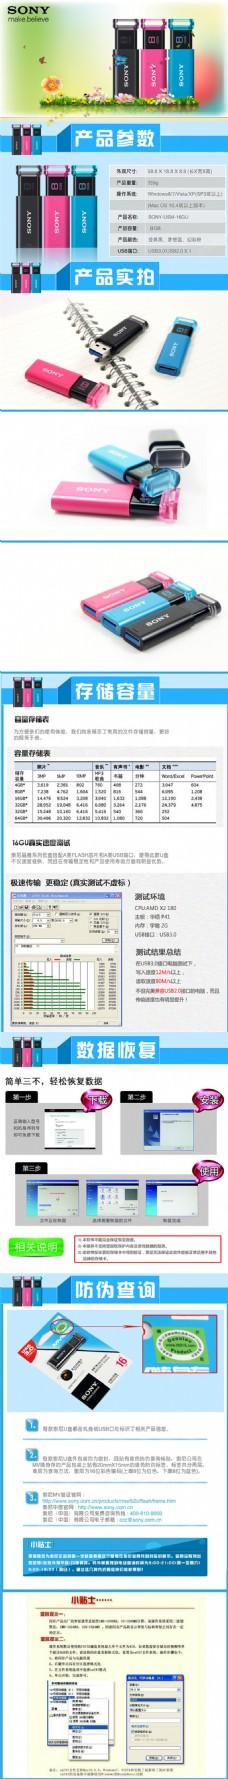 移动电源淘宝电商数码电器详情页